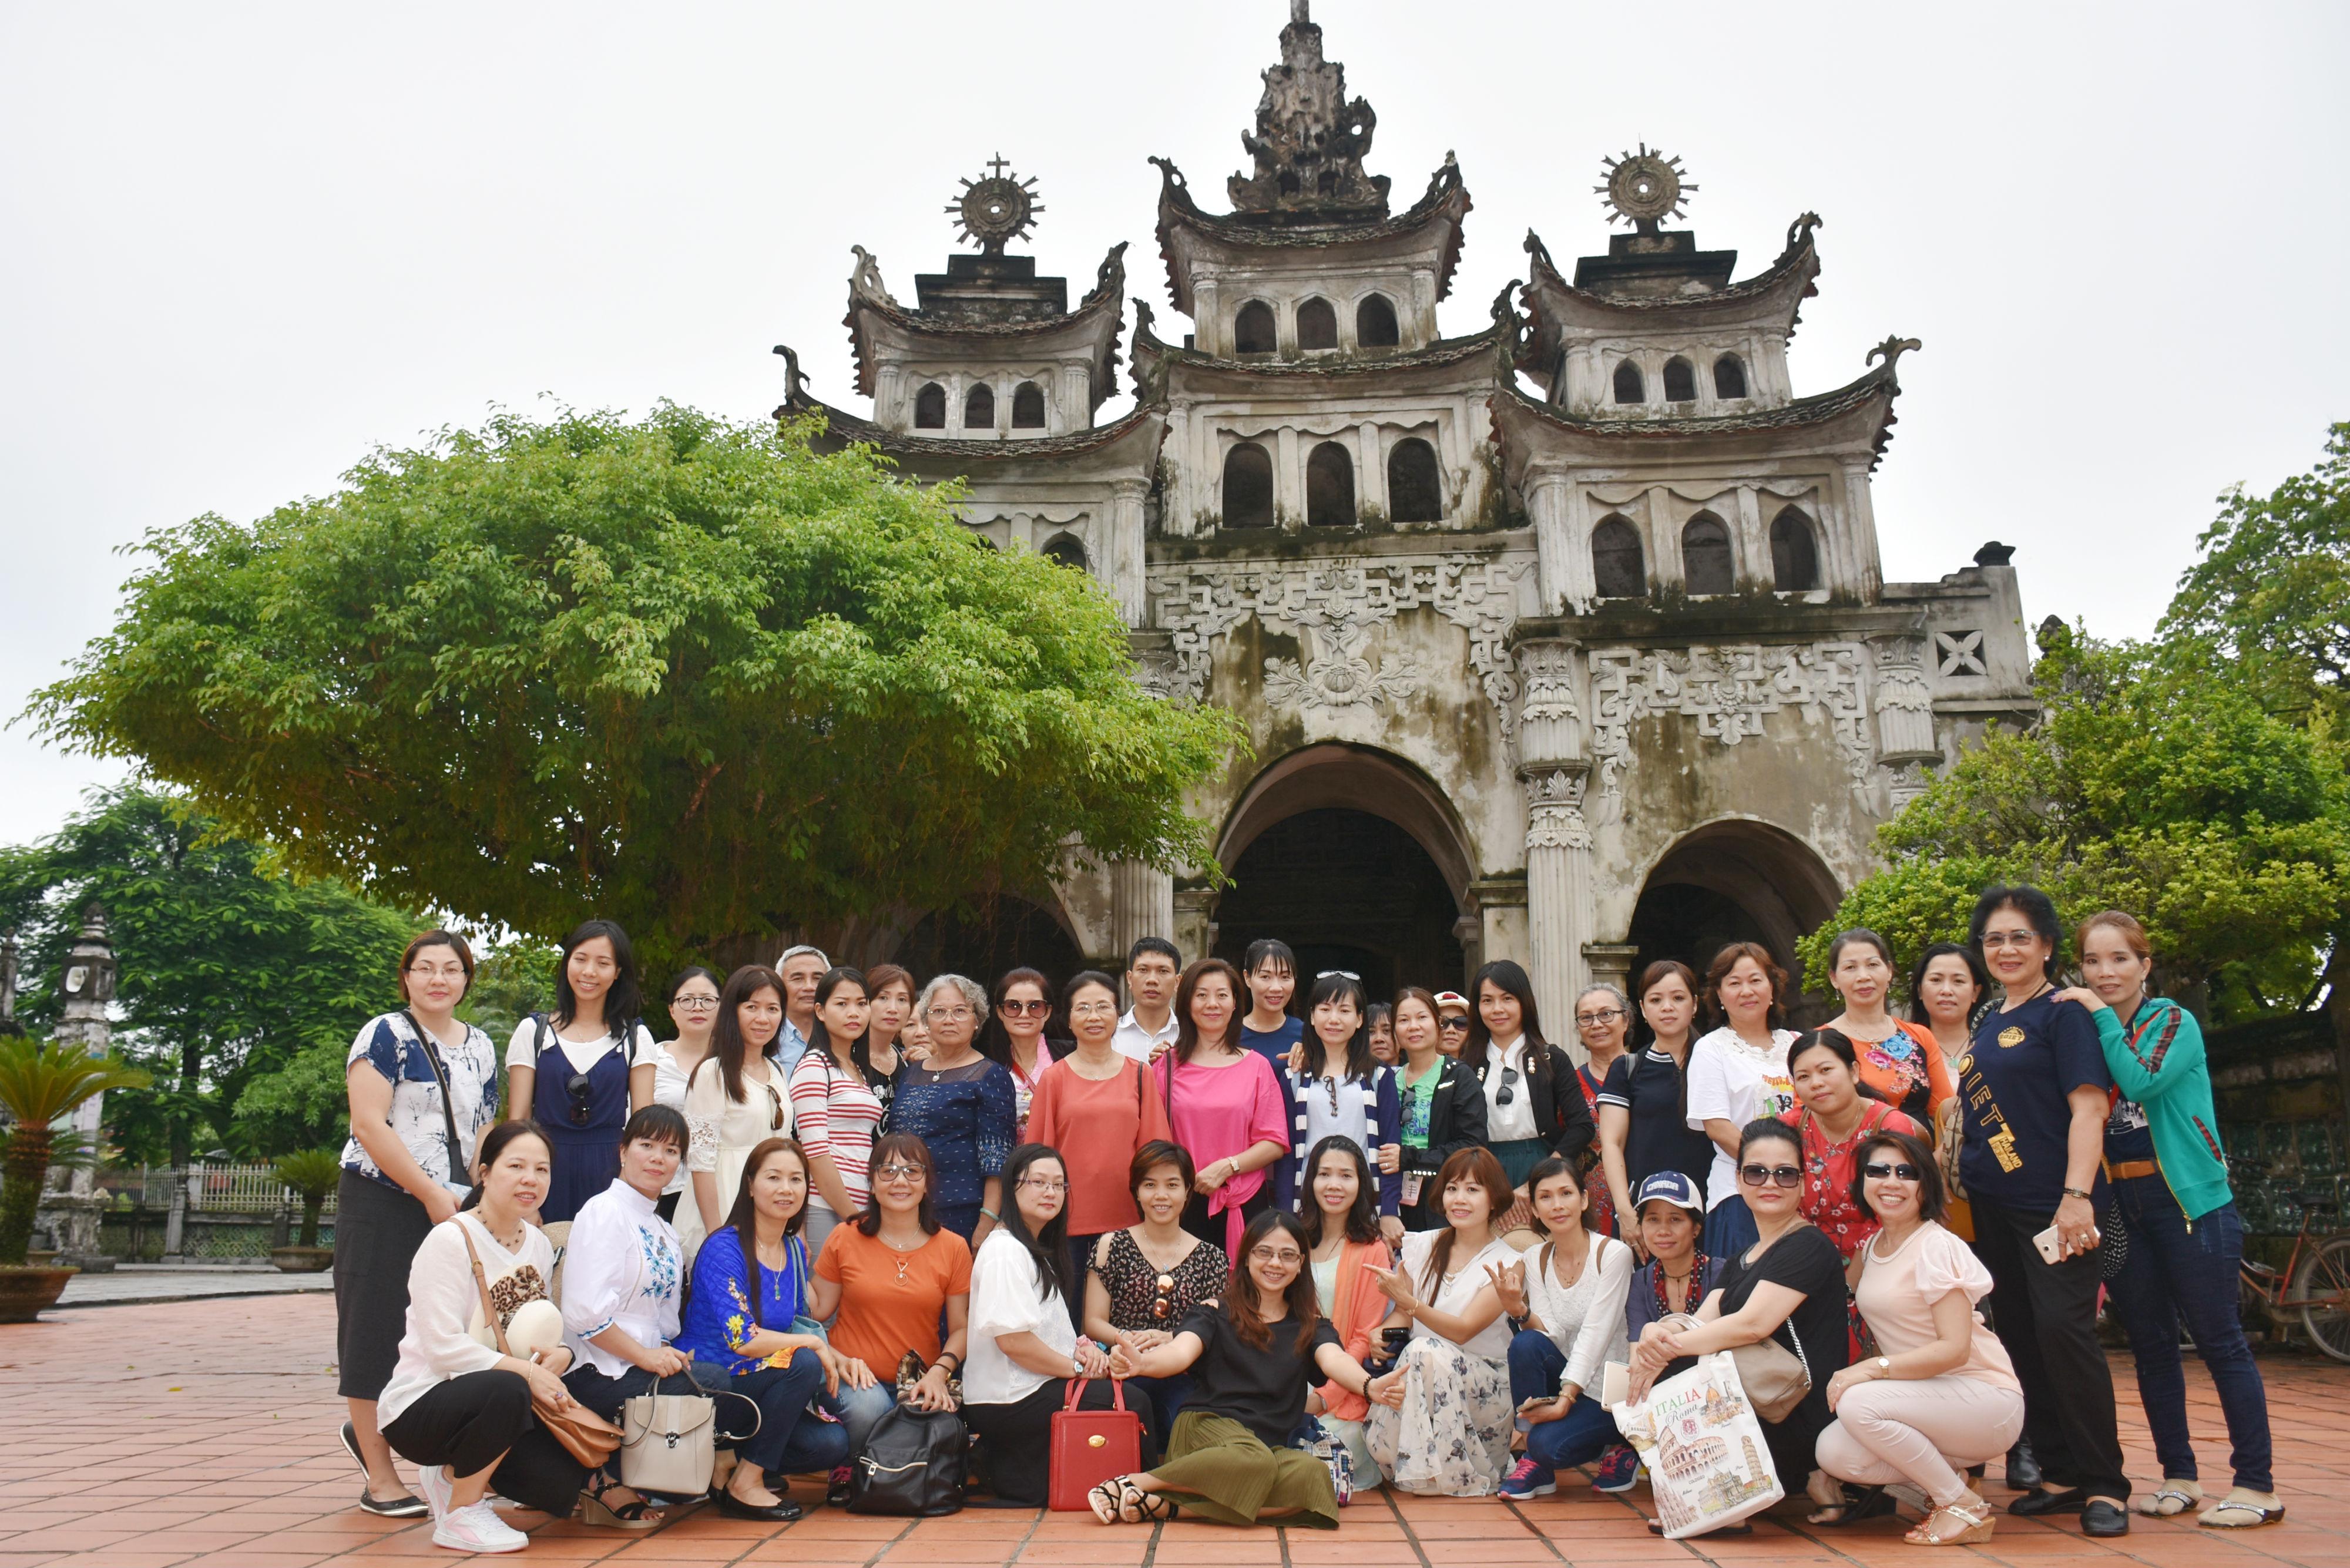 Nỗ lực giữ tiếng Việt cho con em kiều bào